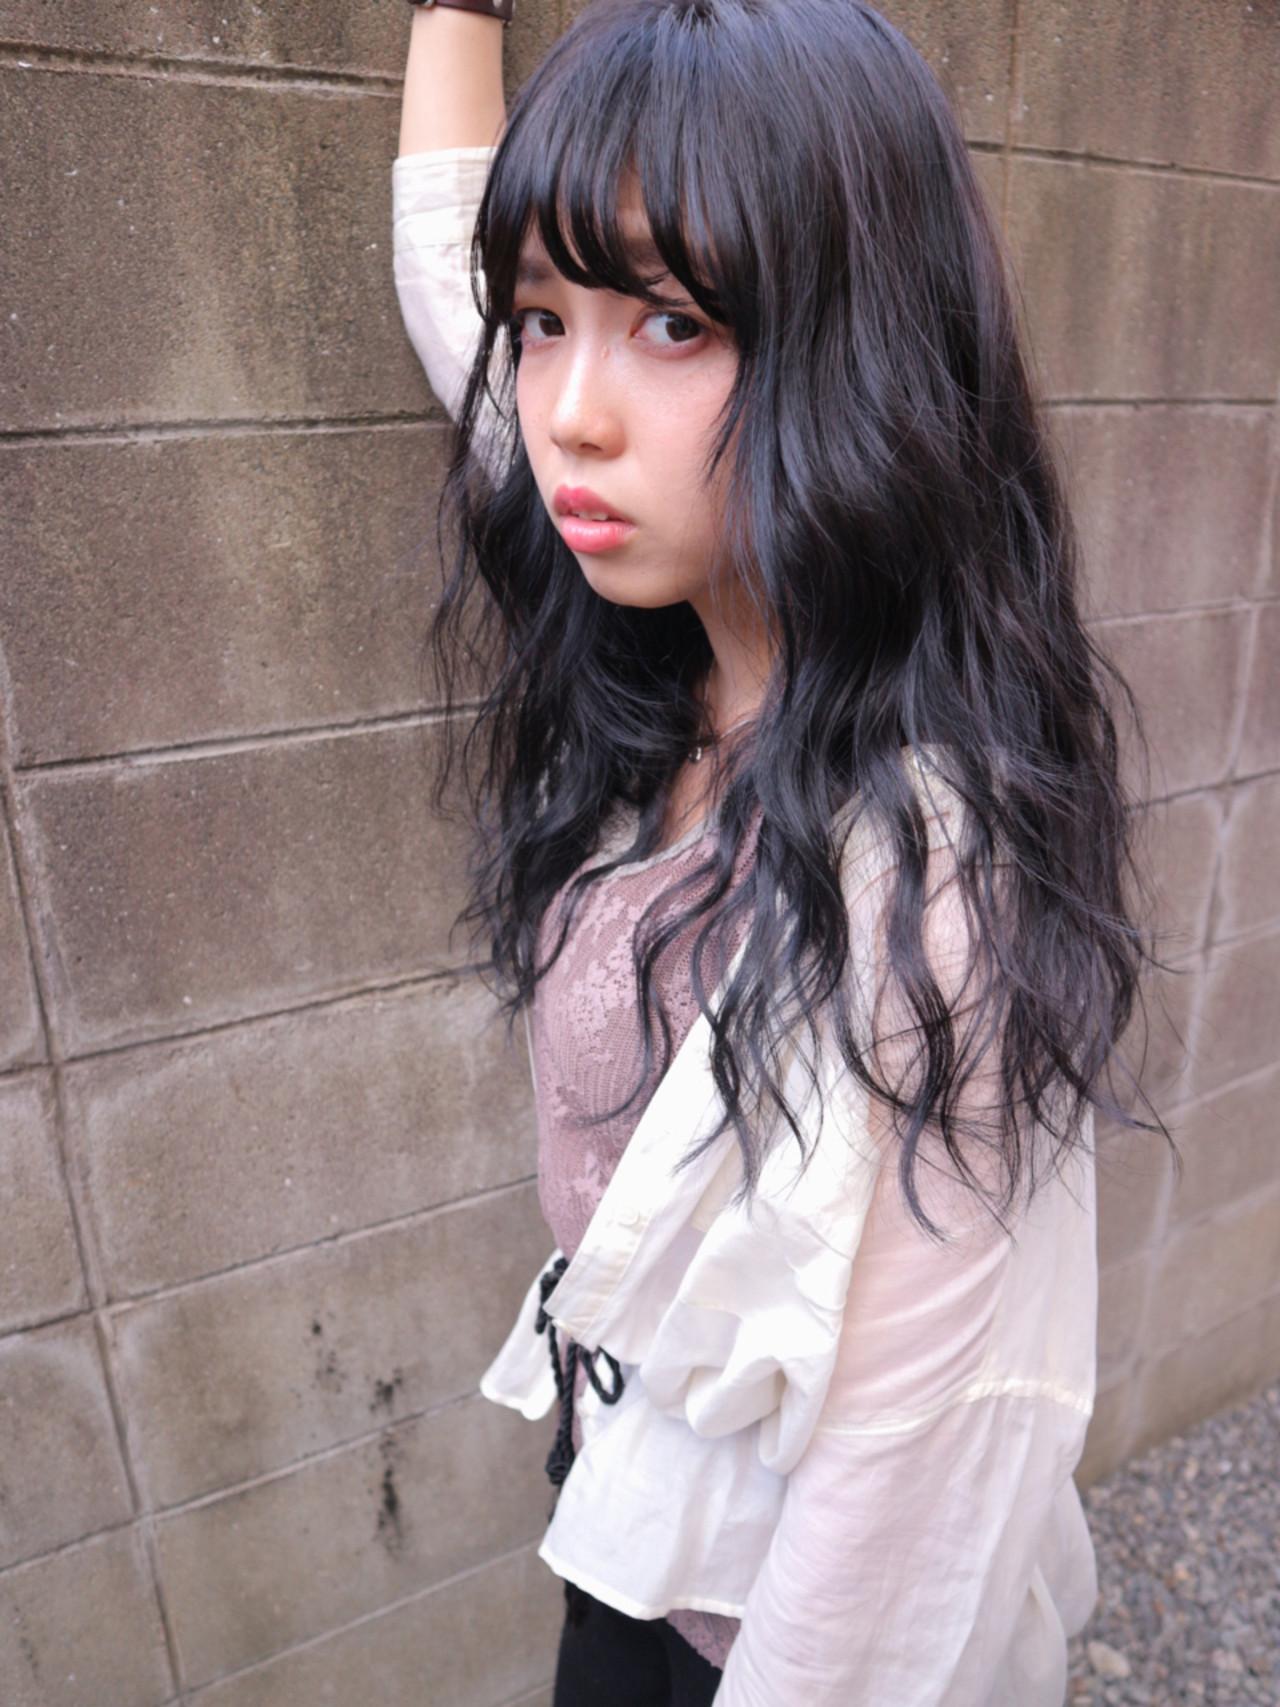 セミロング 大人女子 暗髪 ブルージュ ヘアスタイルや髪型の写真・画像